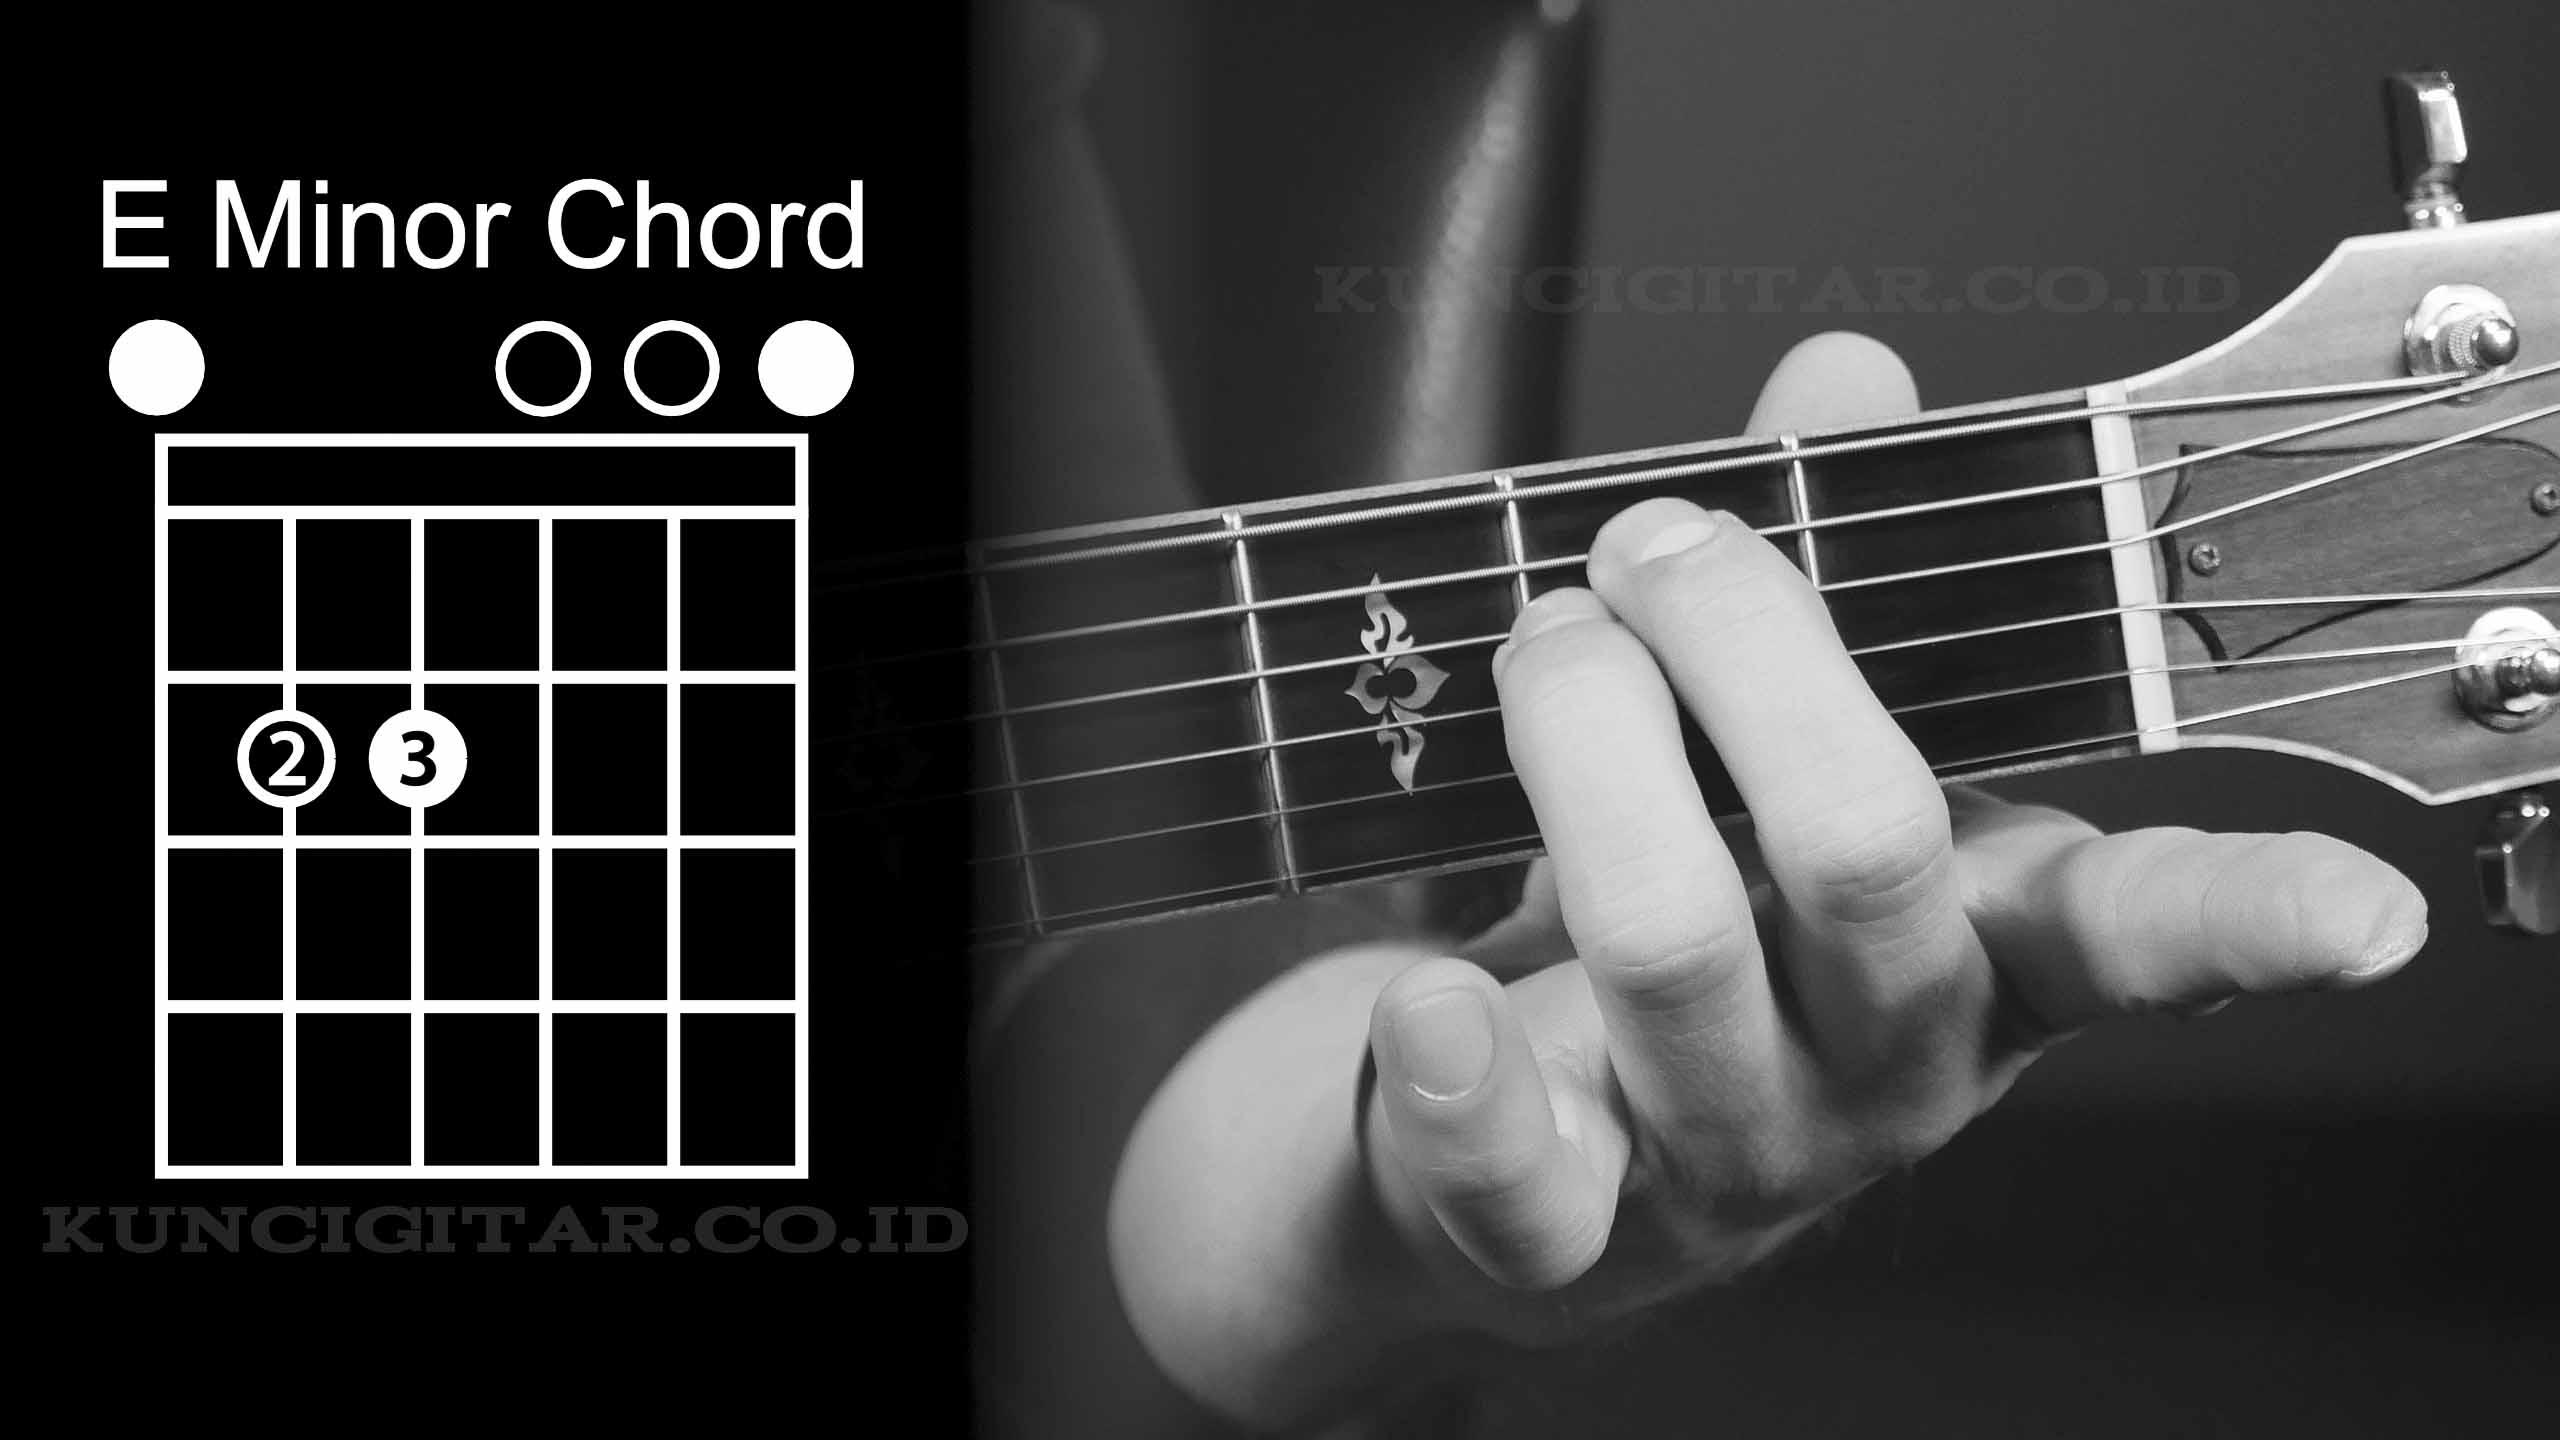 gambar kunci gitar e minor